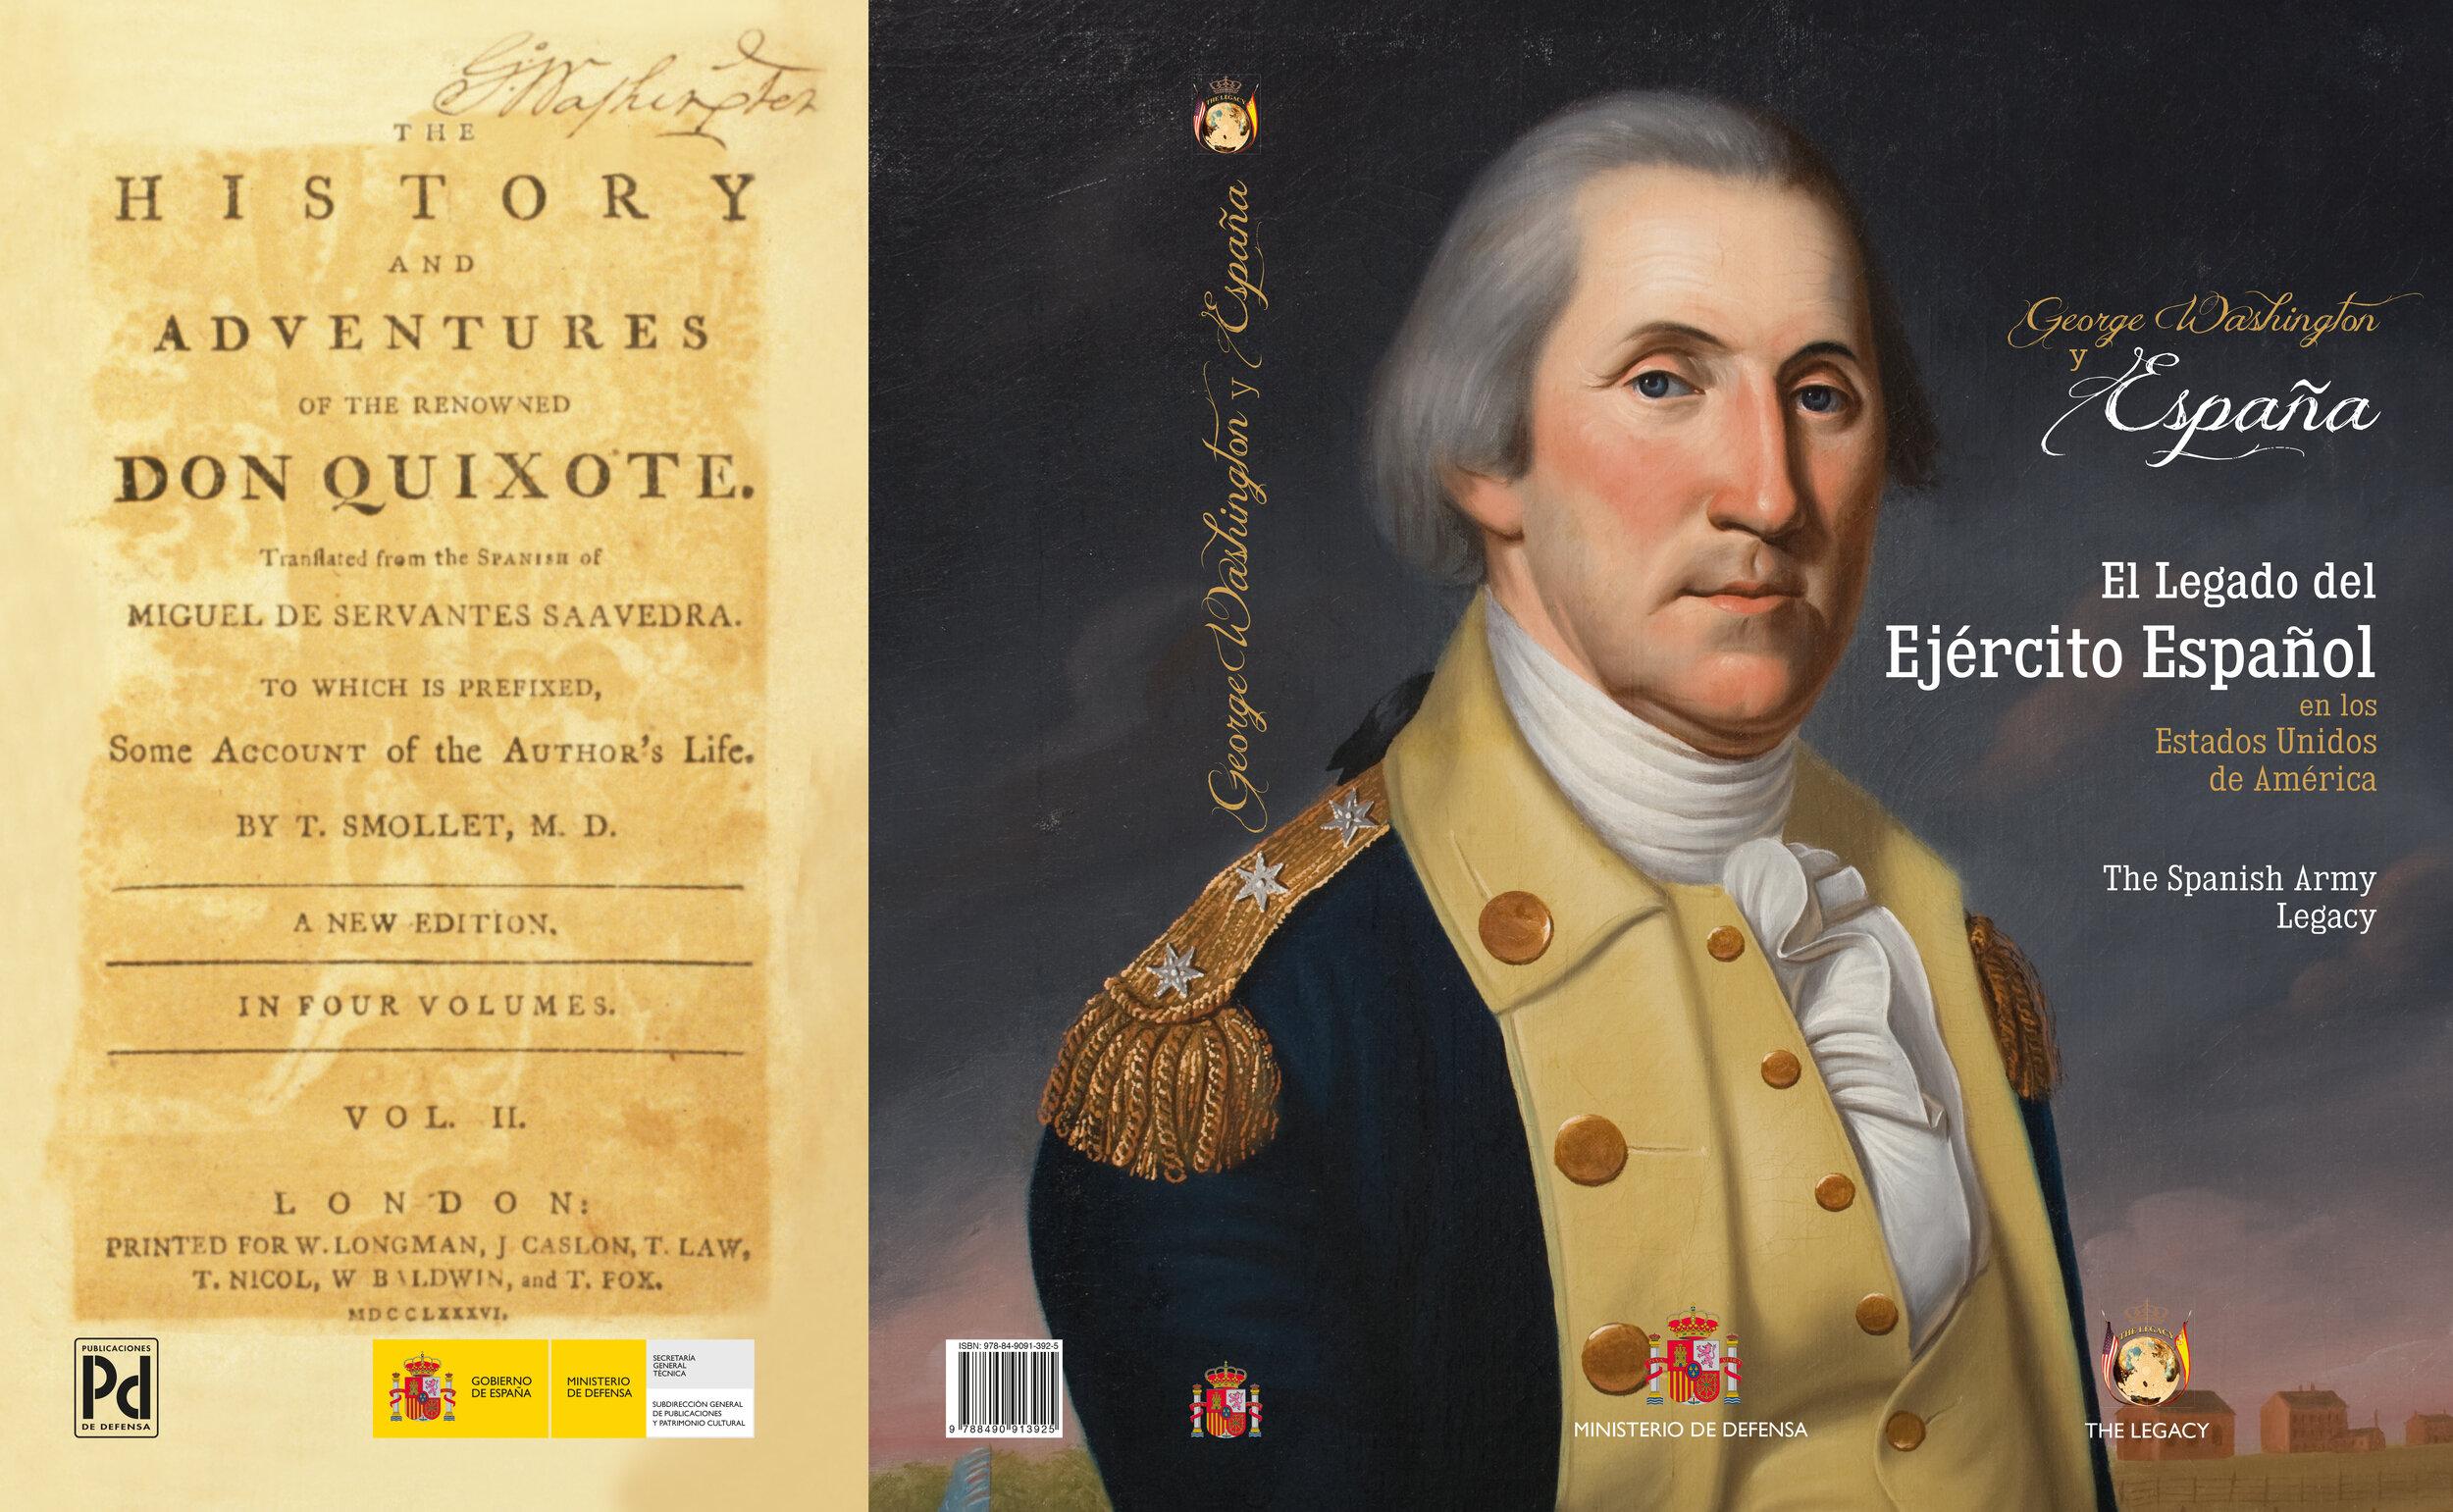 Portada Y CONTRA George Washington y España OK (17P) (1).jpg